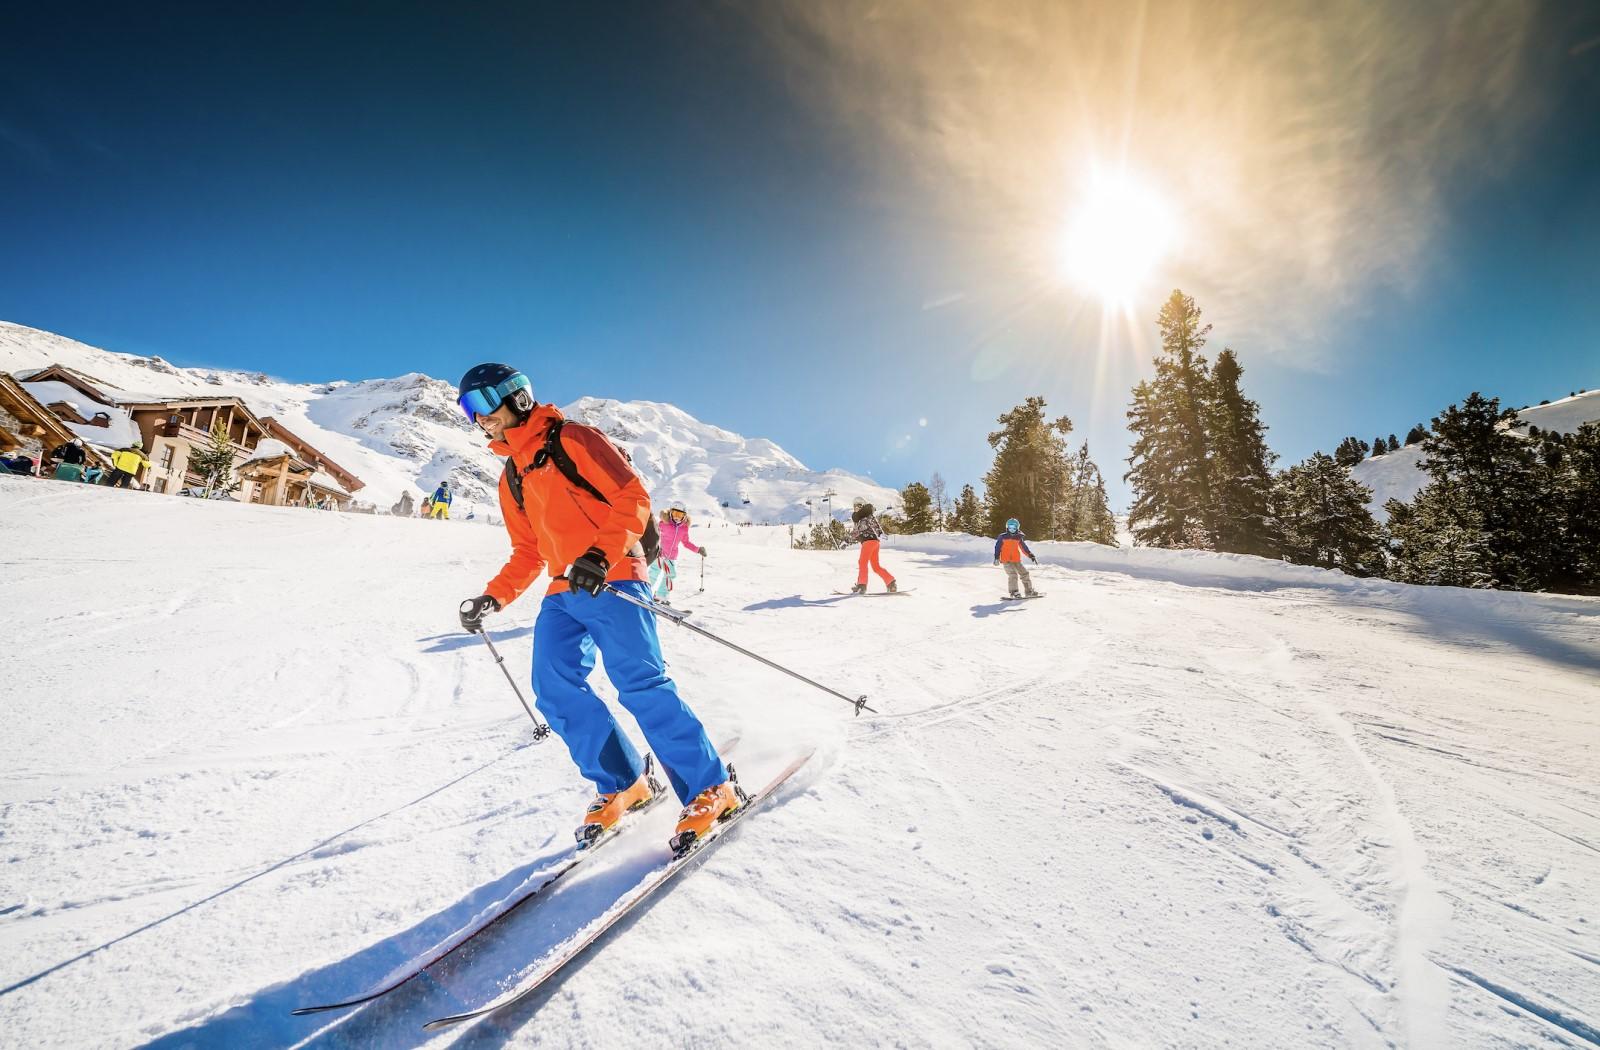 cours de ski pour tous niveaux aux Arcs avec l'école de ski spirit